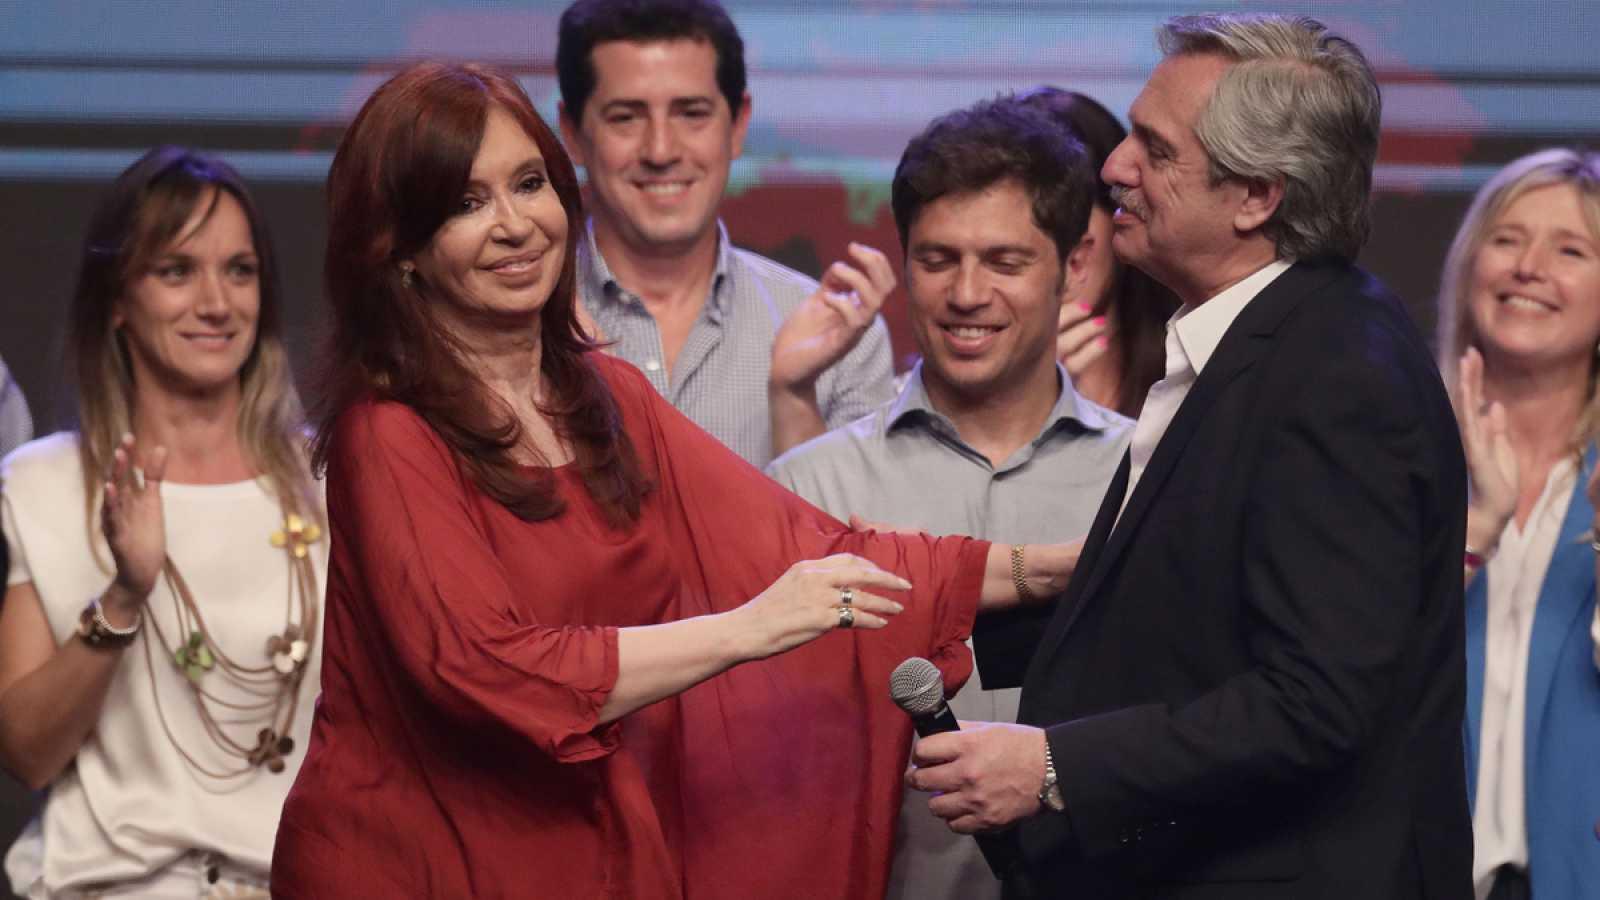 La expresidenta argentina Cristina Fernández, celebra la victoria de su candidato, Alberto Fernández en las presidenciales.